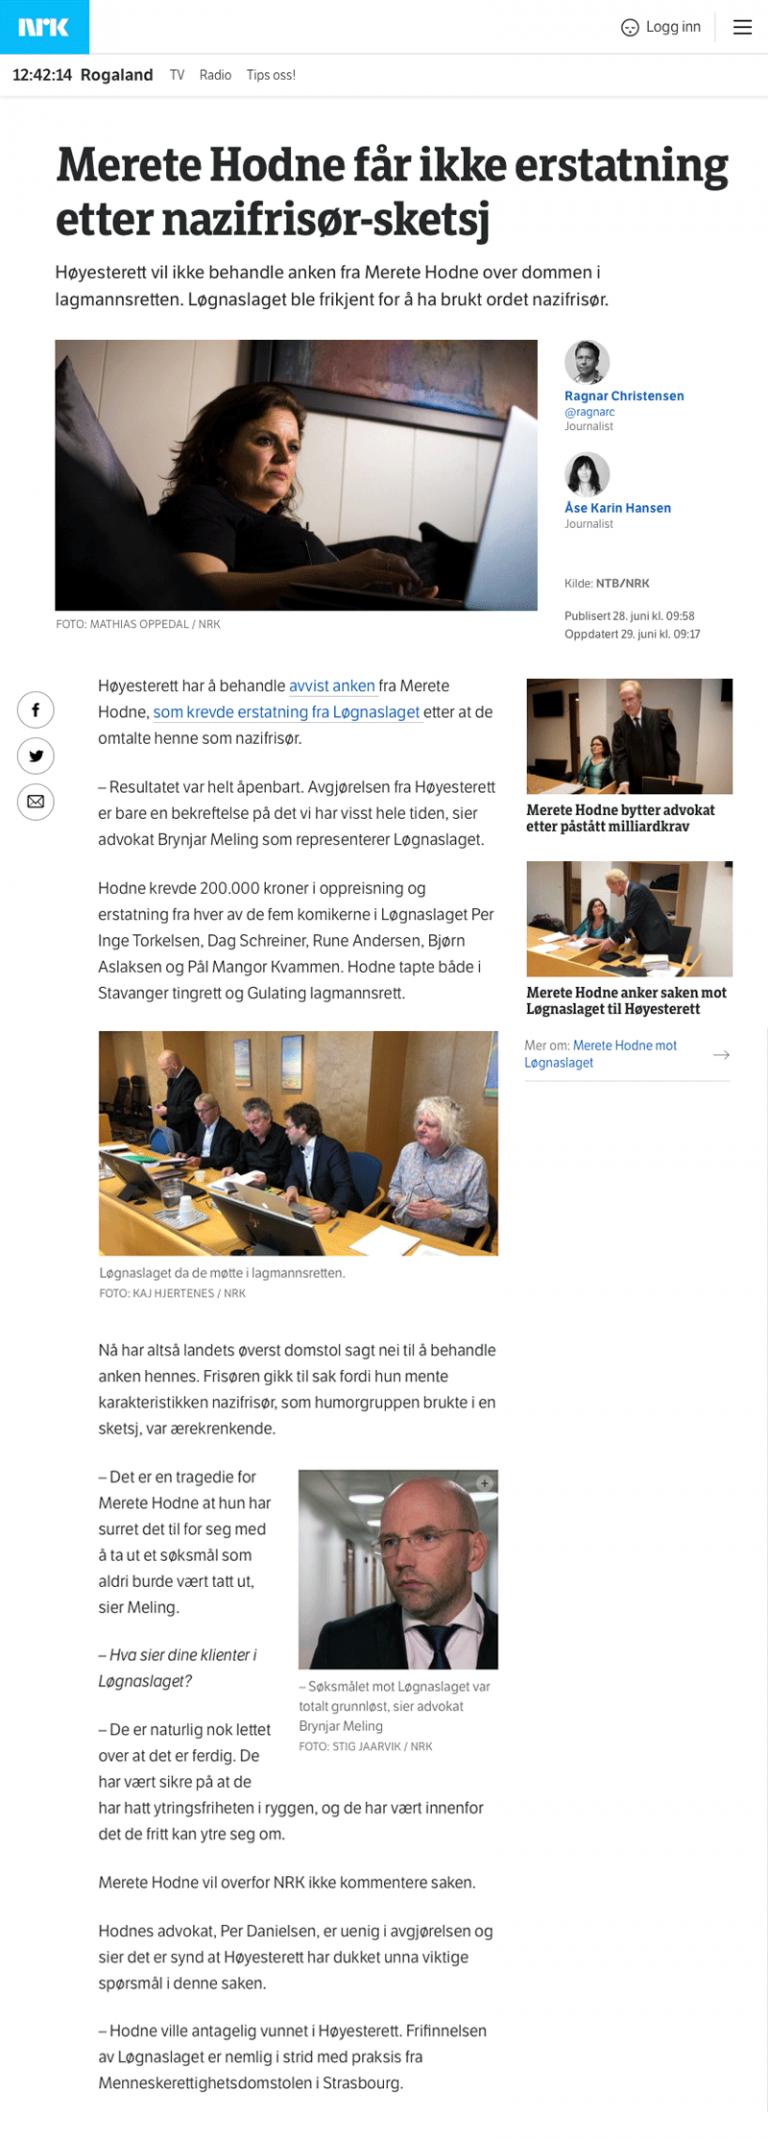 Ærekrenkelse Ingen erstatning etter nazifrisør sketsj. Advokat Danielsen & Co. Per Danielsen. Advokat i Oslo.